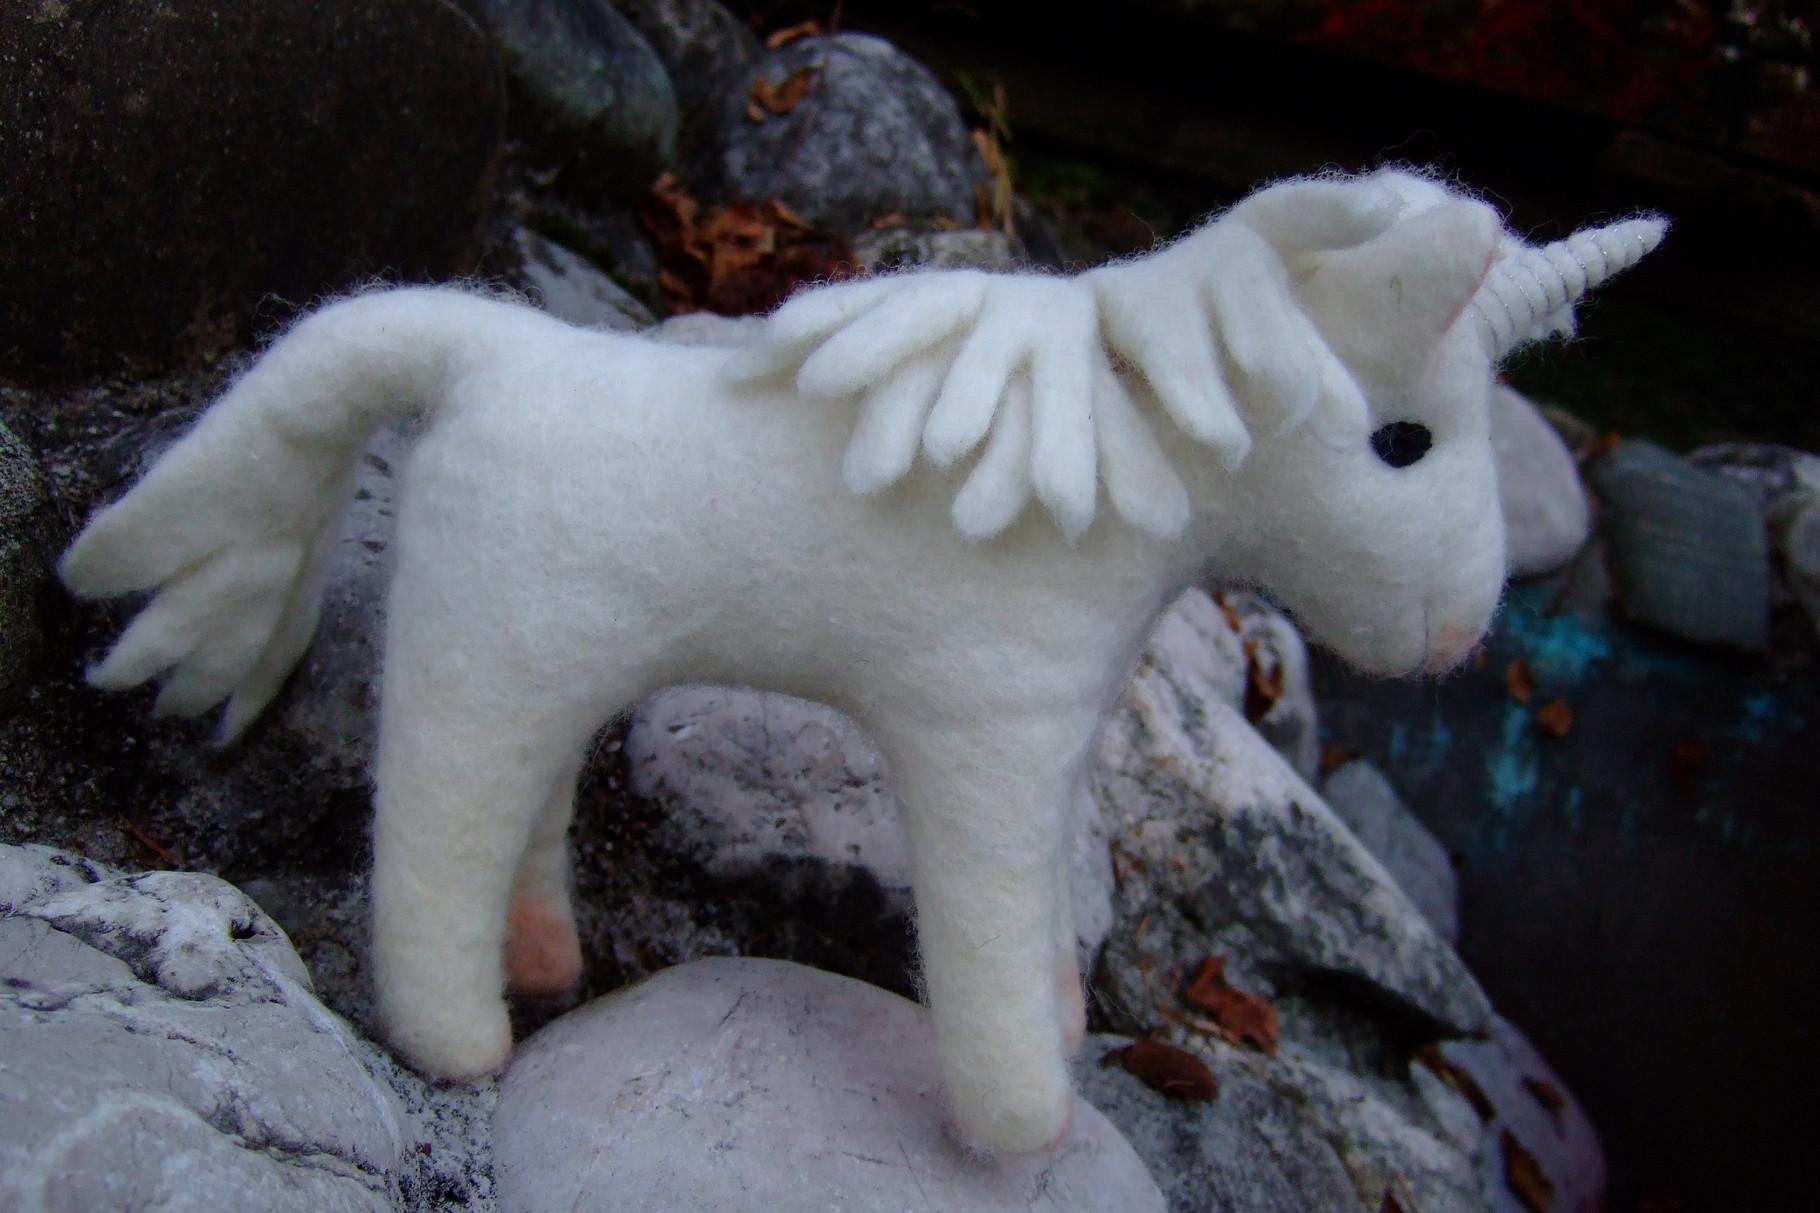 Weißes Einhorn aus Filz mit Silberfäden bestickt